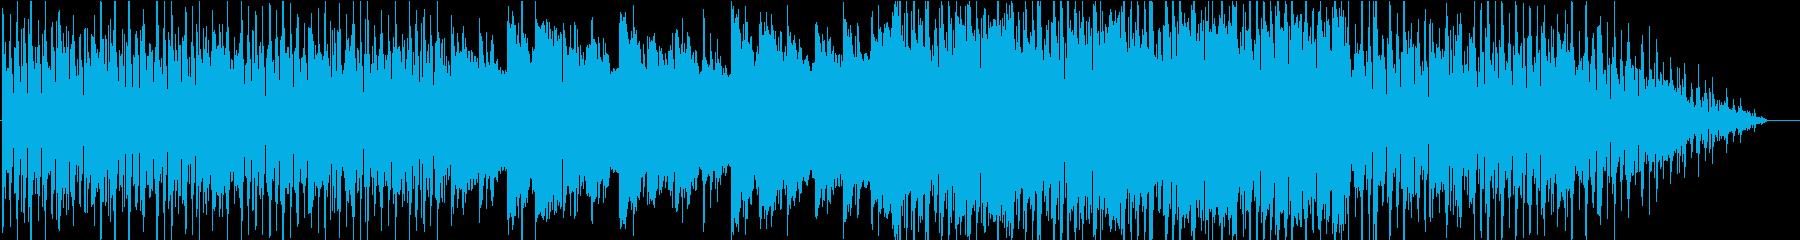 爽やかでアコースティックな曲の再生済みの波形